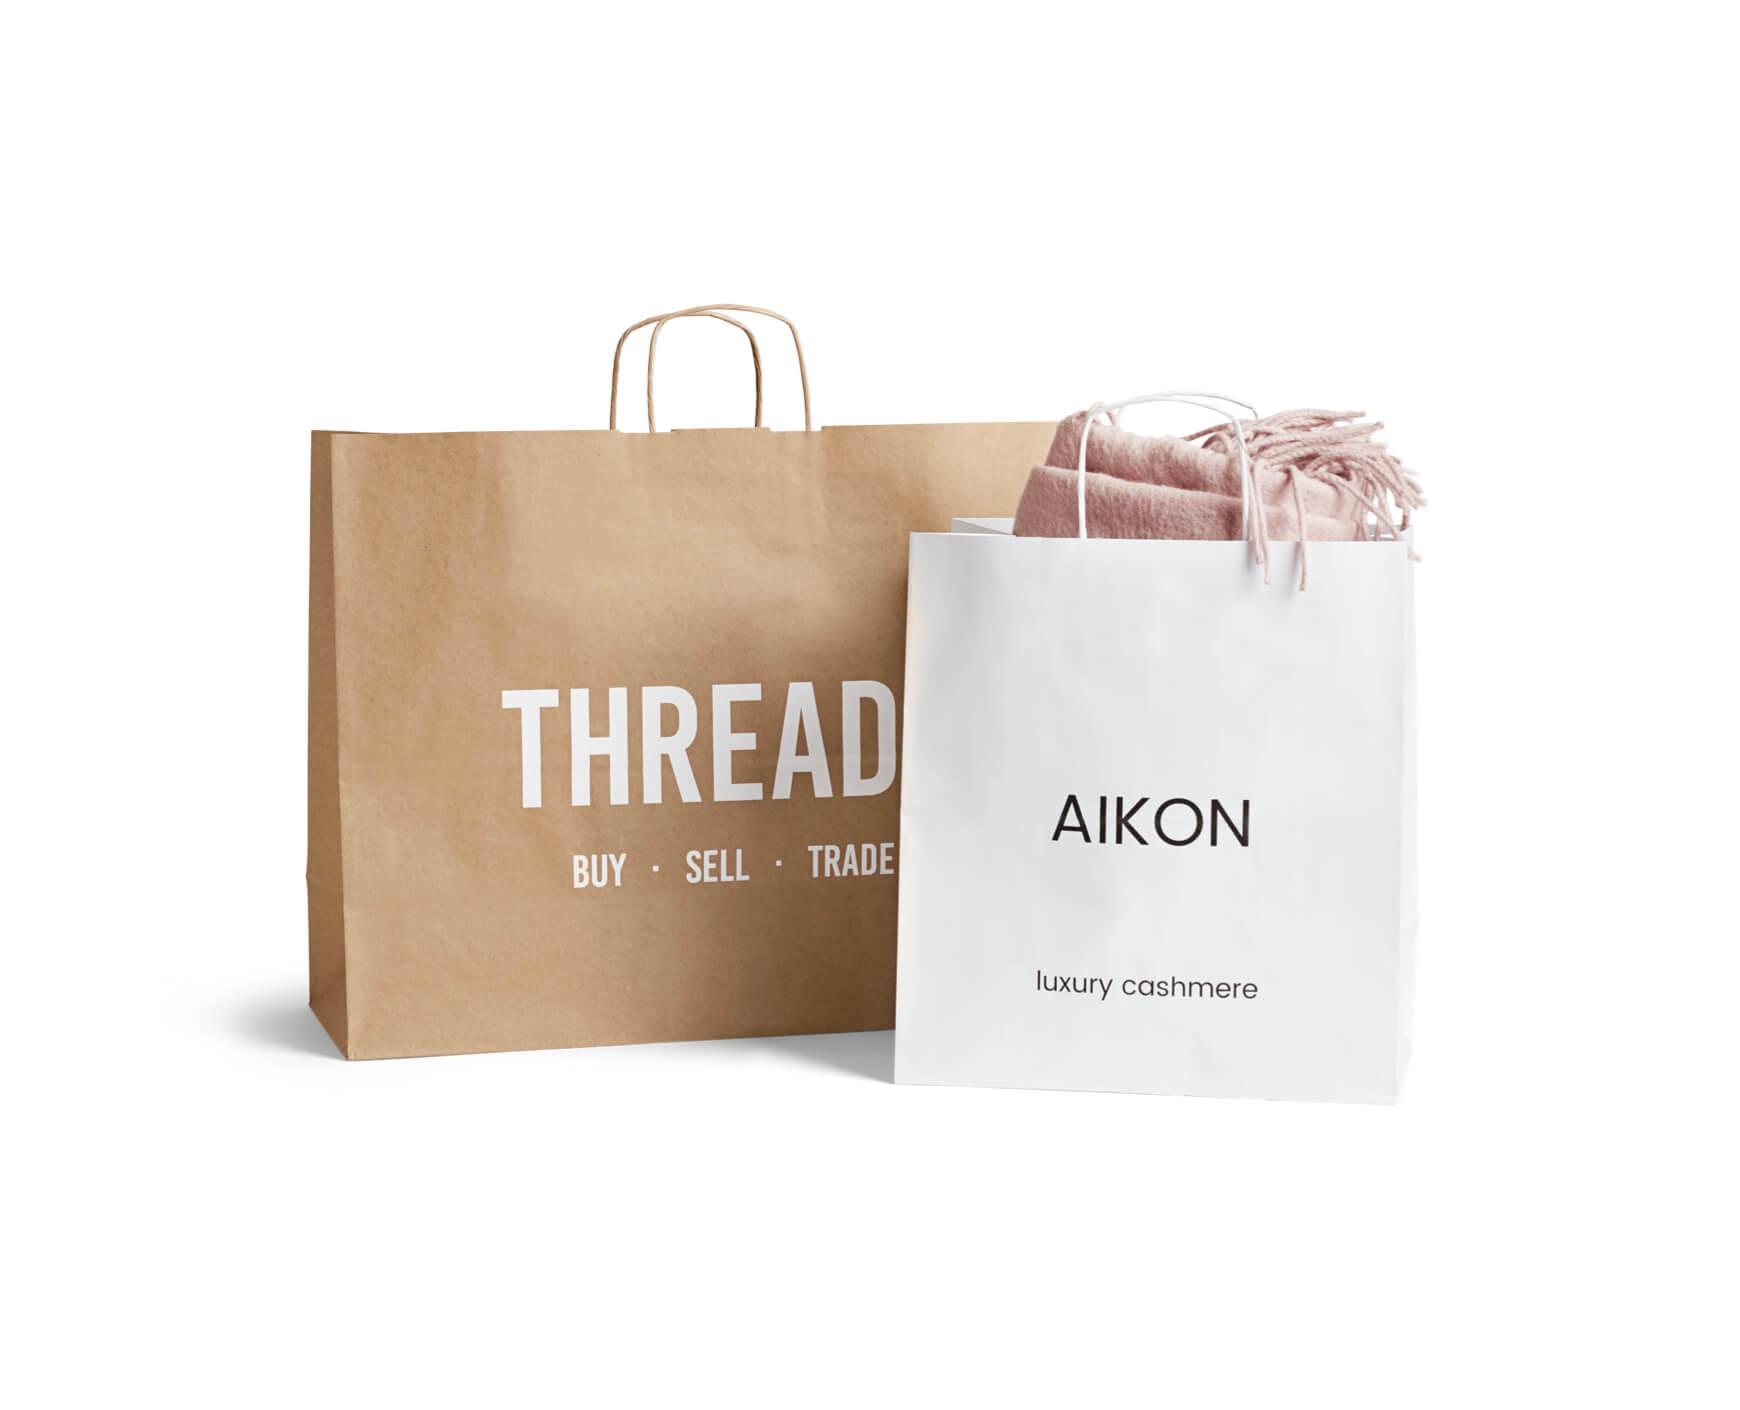 Bolsas de papel para transportar artículos